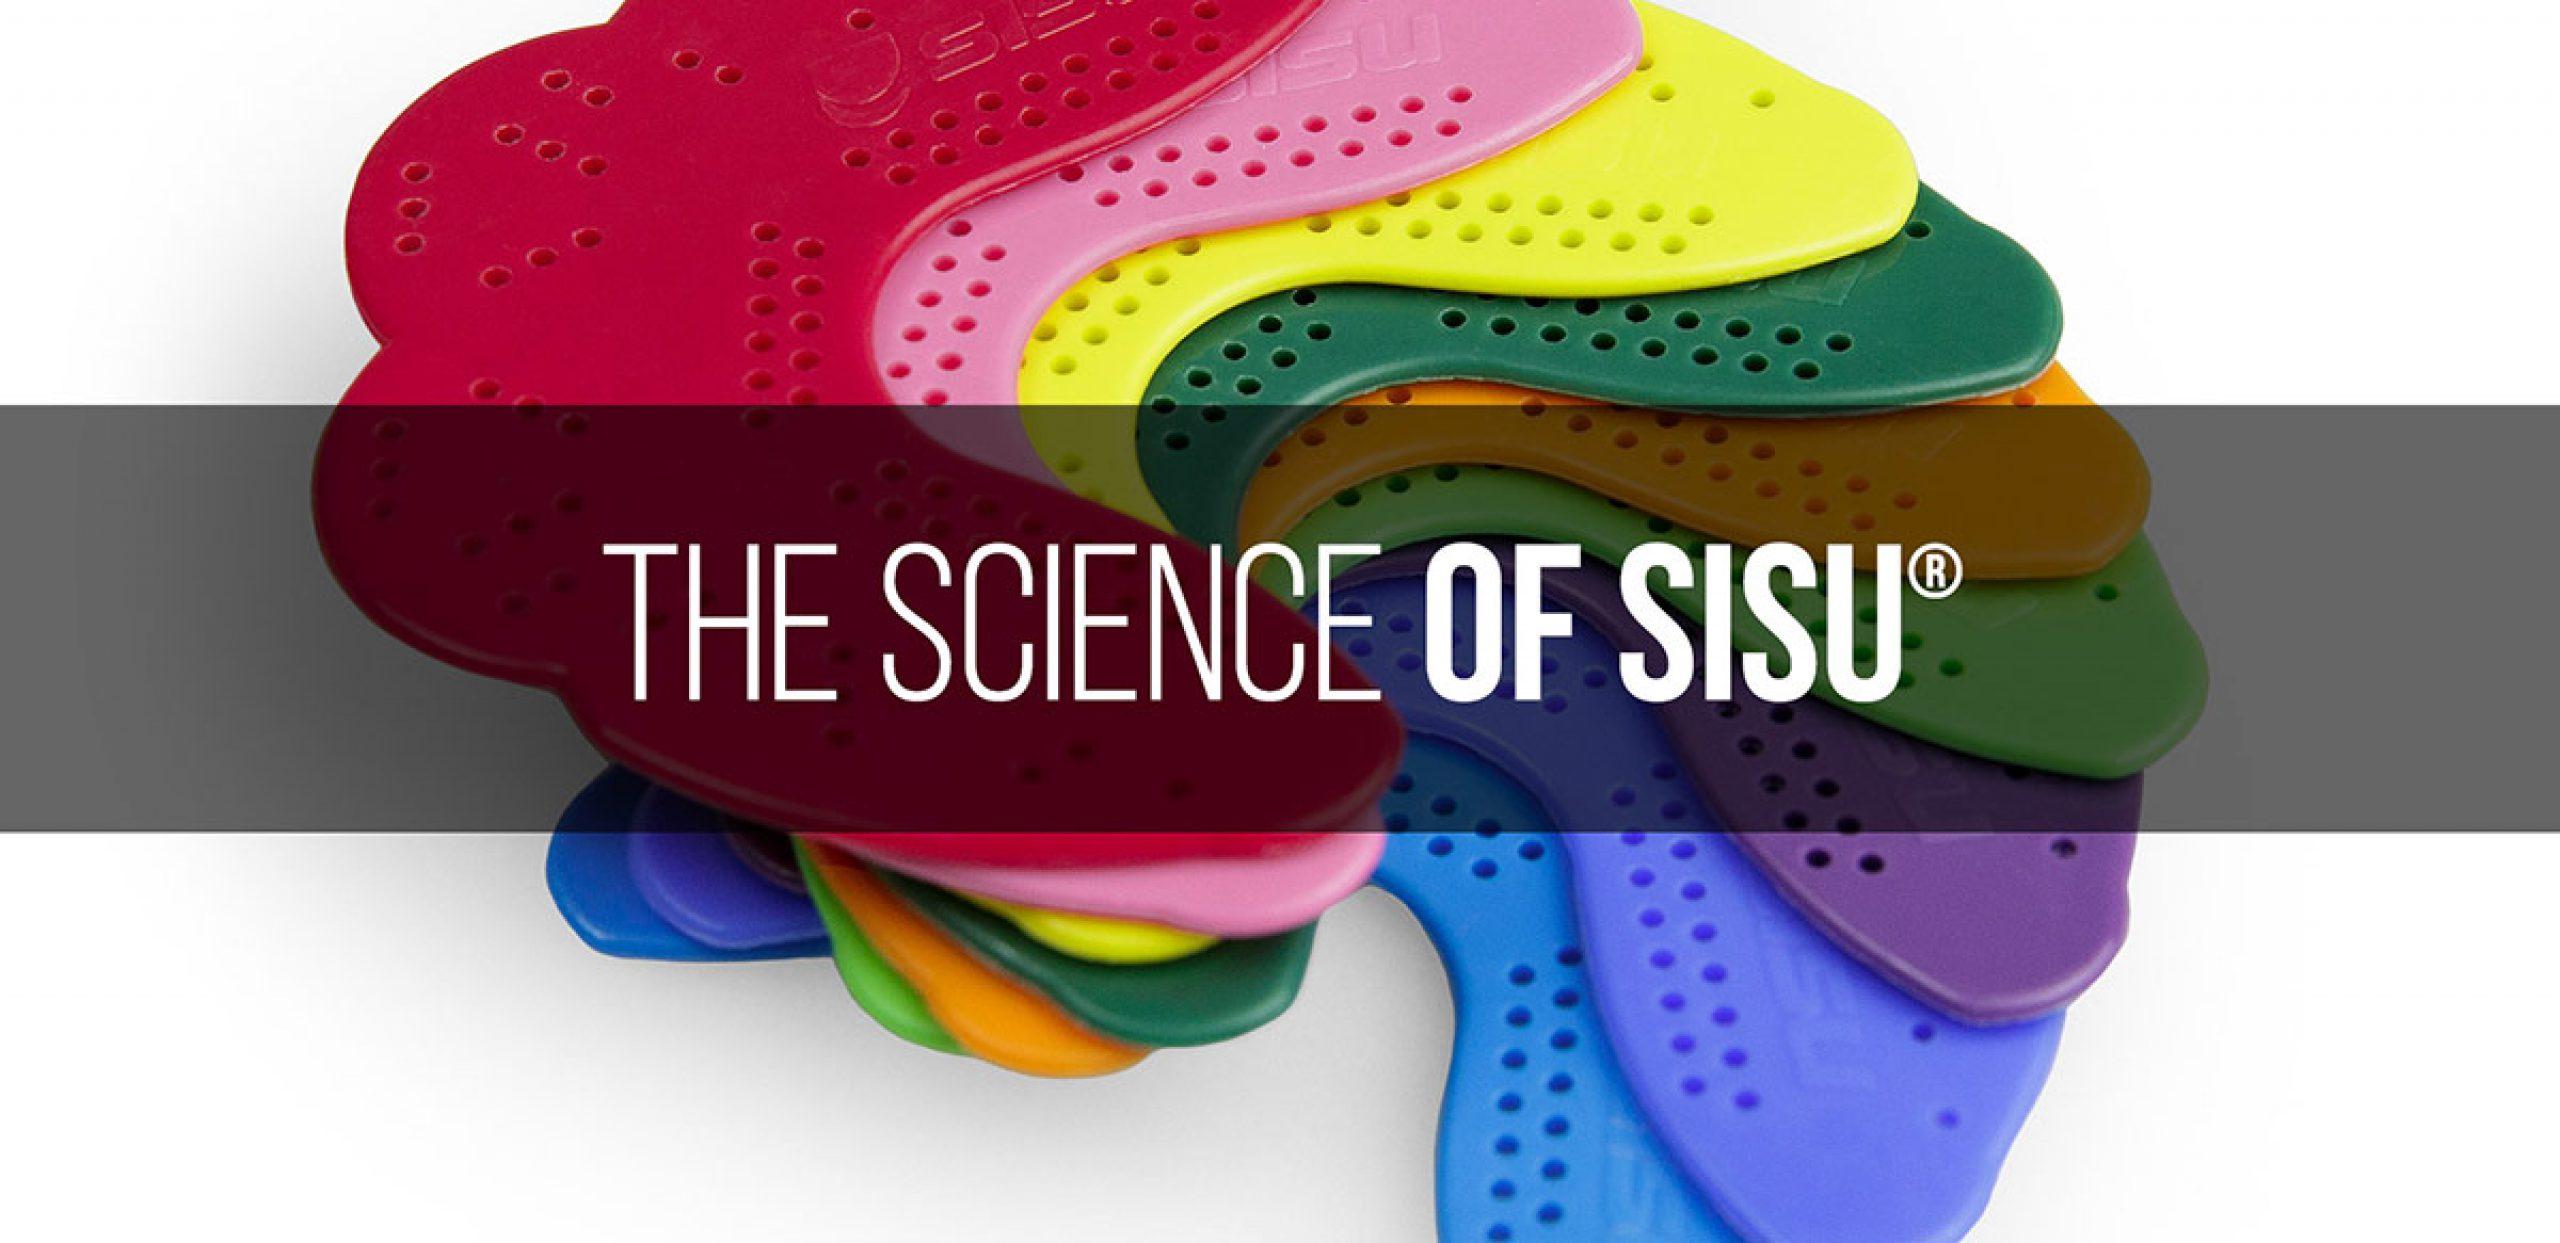 the-science-of-sisu-hero